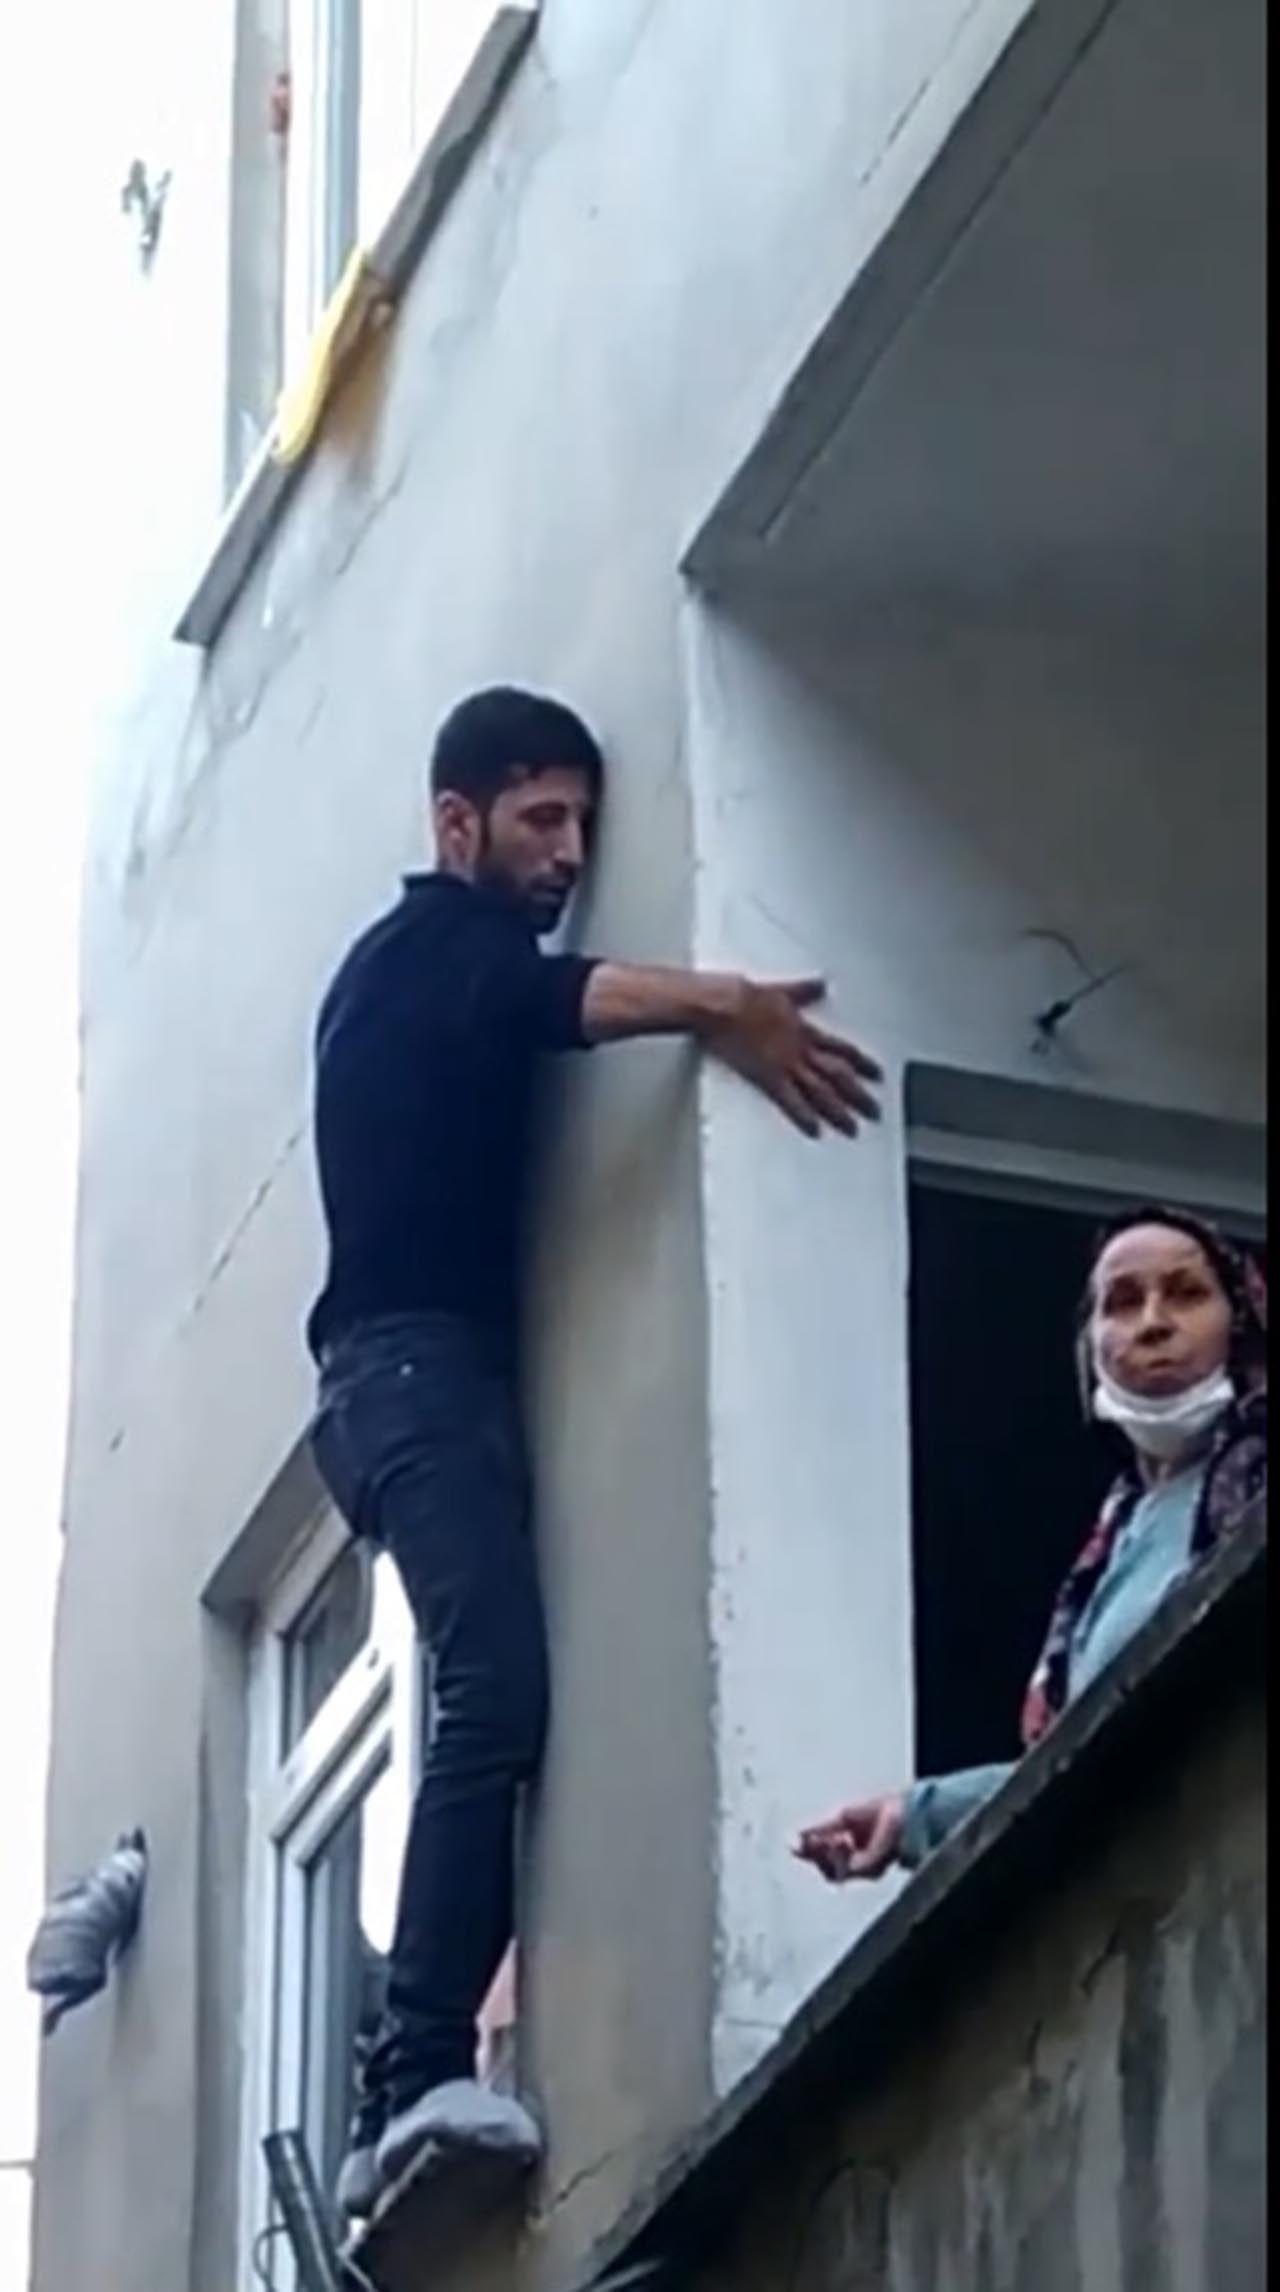 Pencerede mahsur kalan hırsız, bina sakinlerine yalvardı - Resim: 3